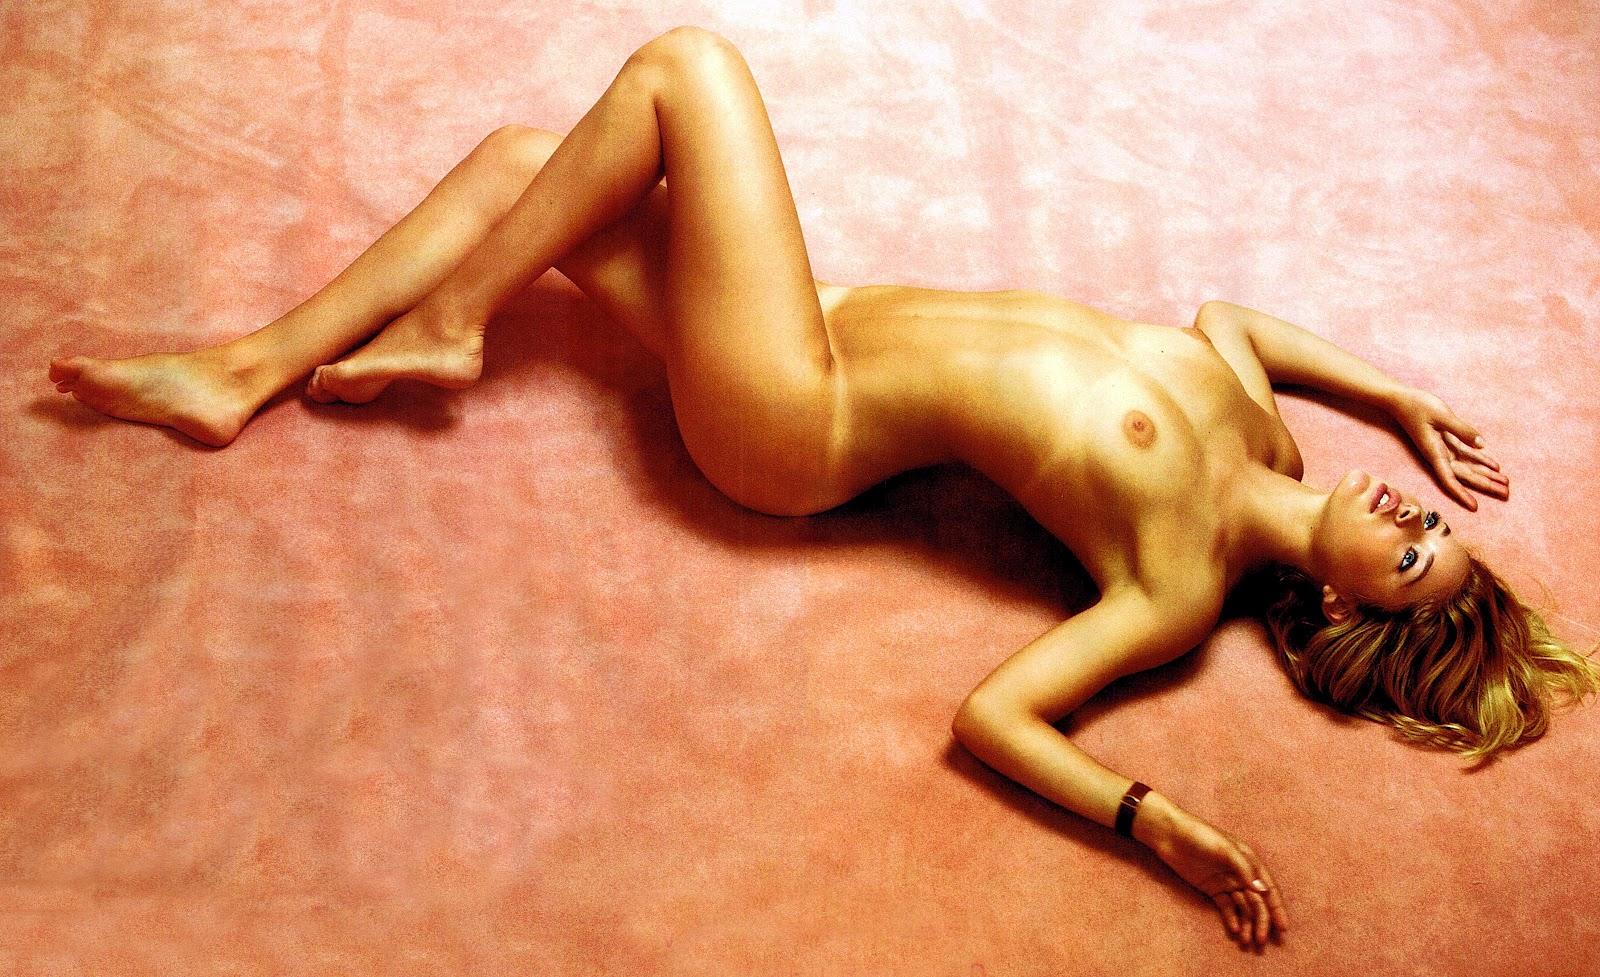 http://3.bp.blogspot.com/-GaLZGskS6fk/T-BMhD8Ds5I/AAAAAAAAd5U/skF2kZ_wdsU/s1600/Doutzen+Kroes+9.jpg